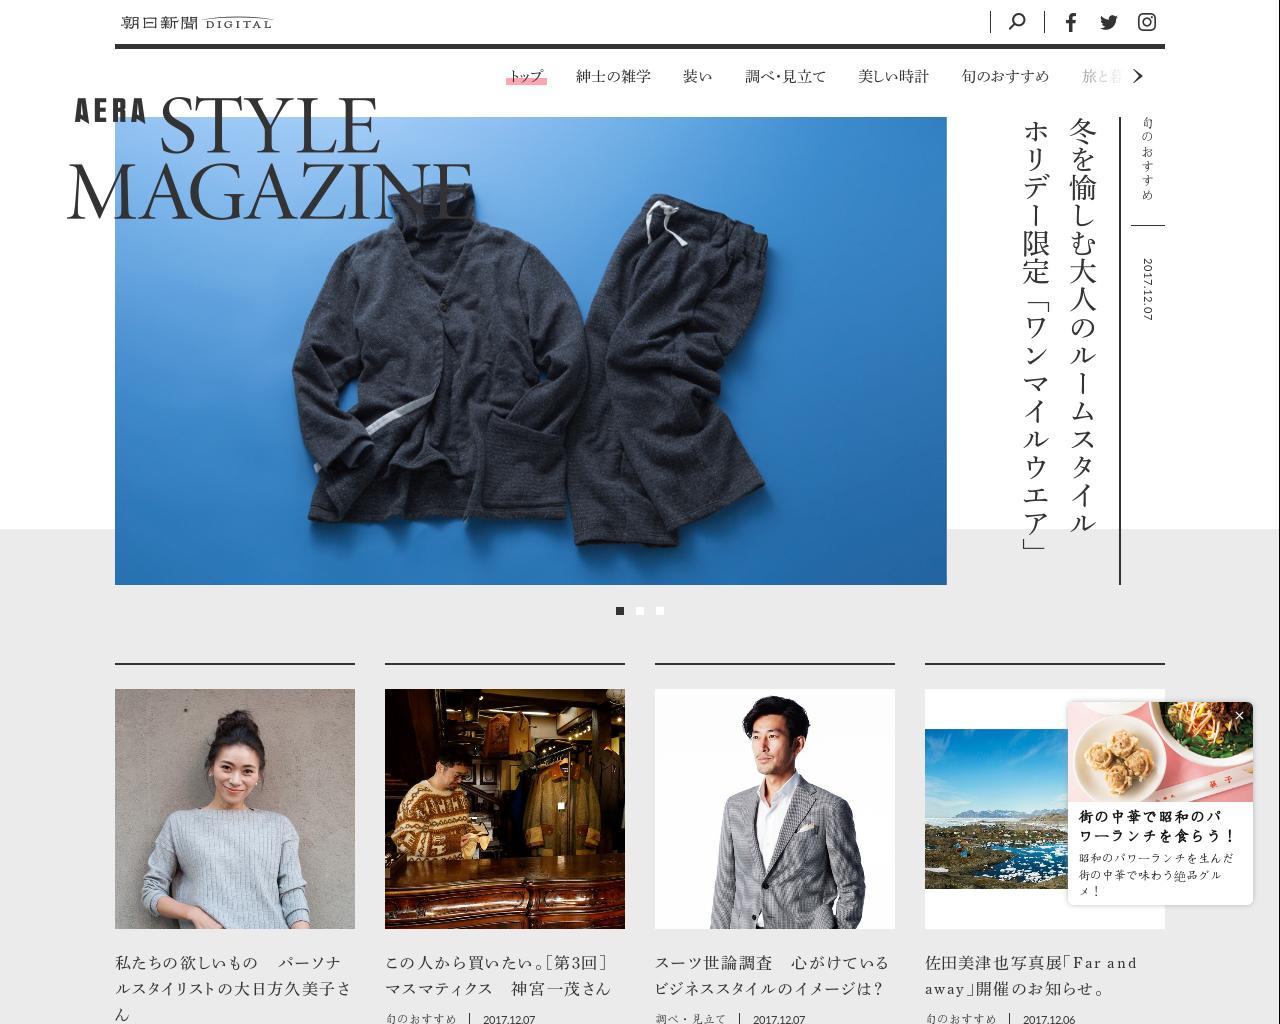 asm.asahi.com(2017/12/07 22:05:37)